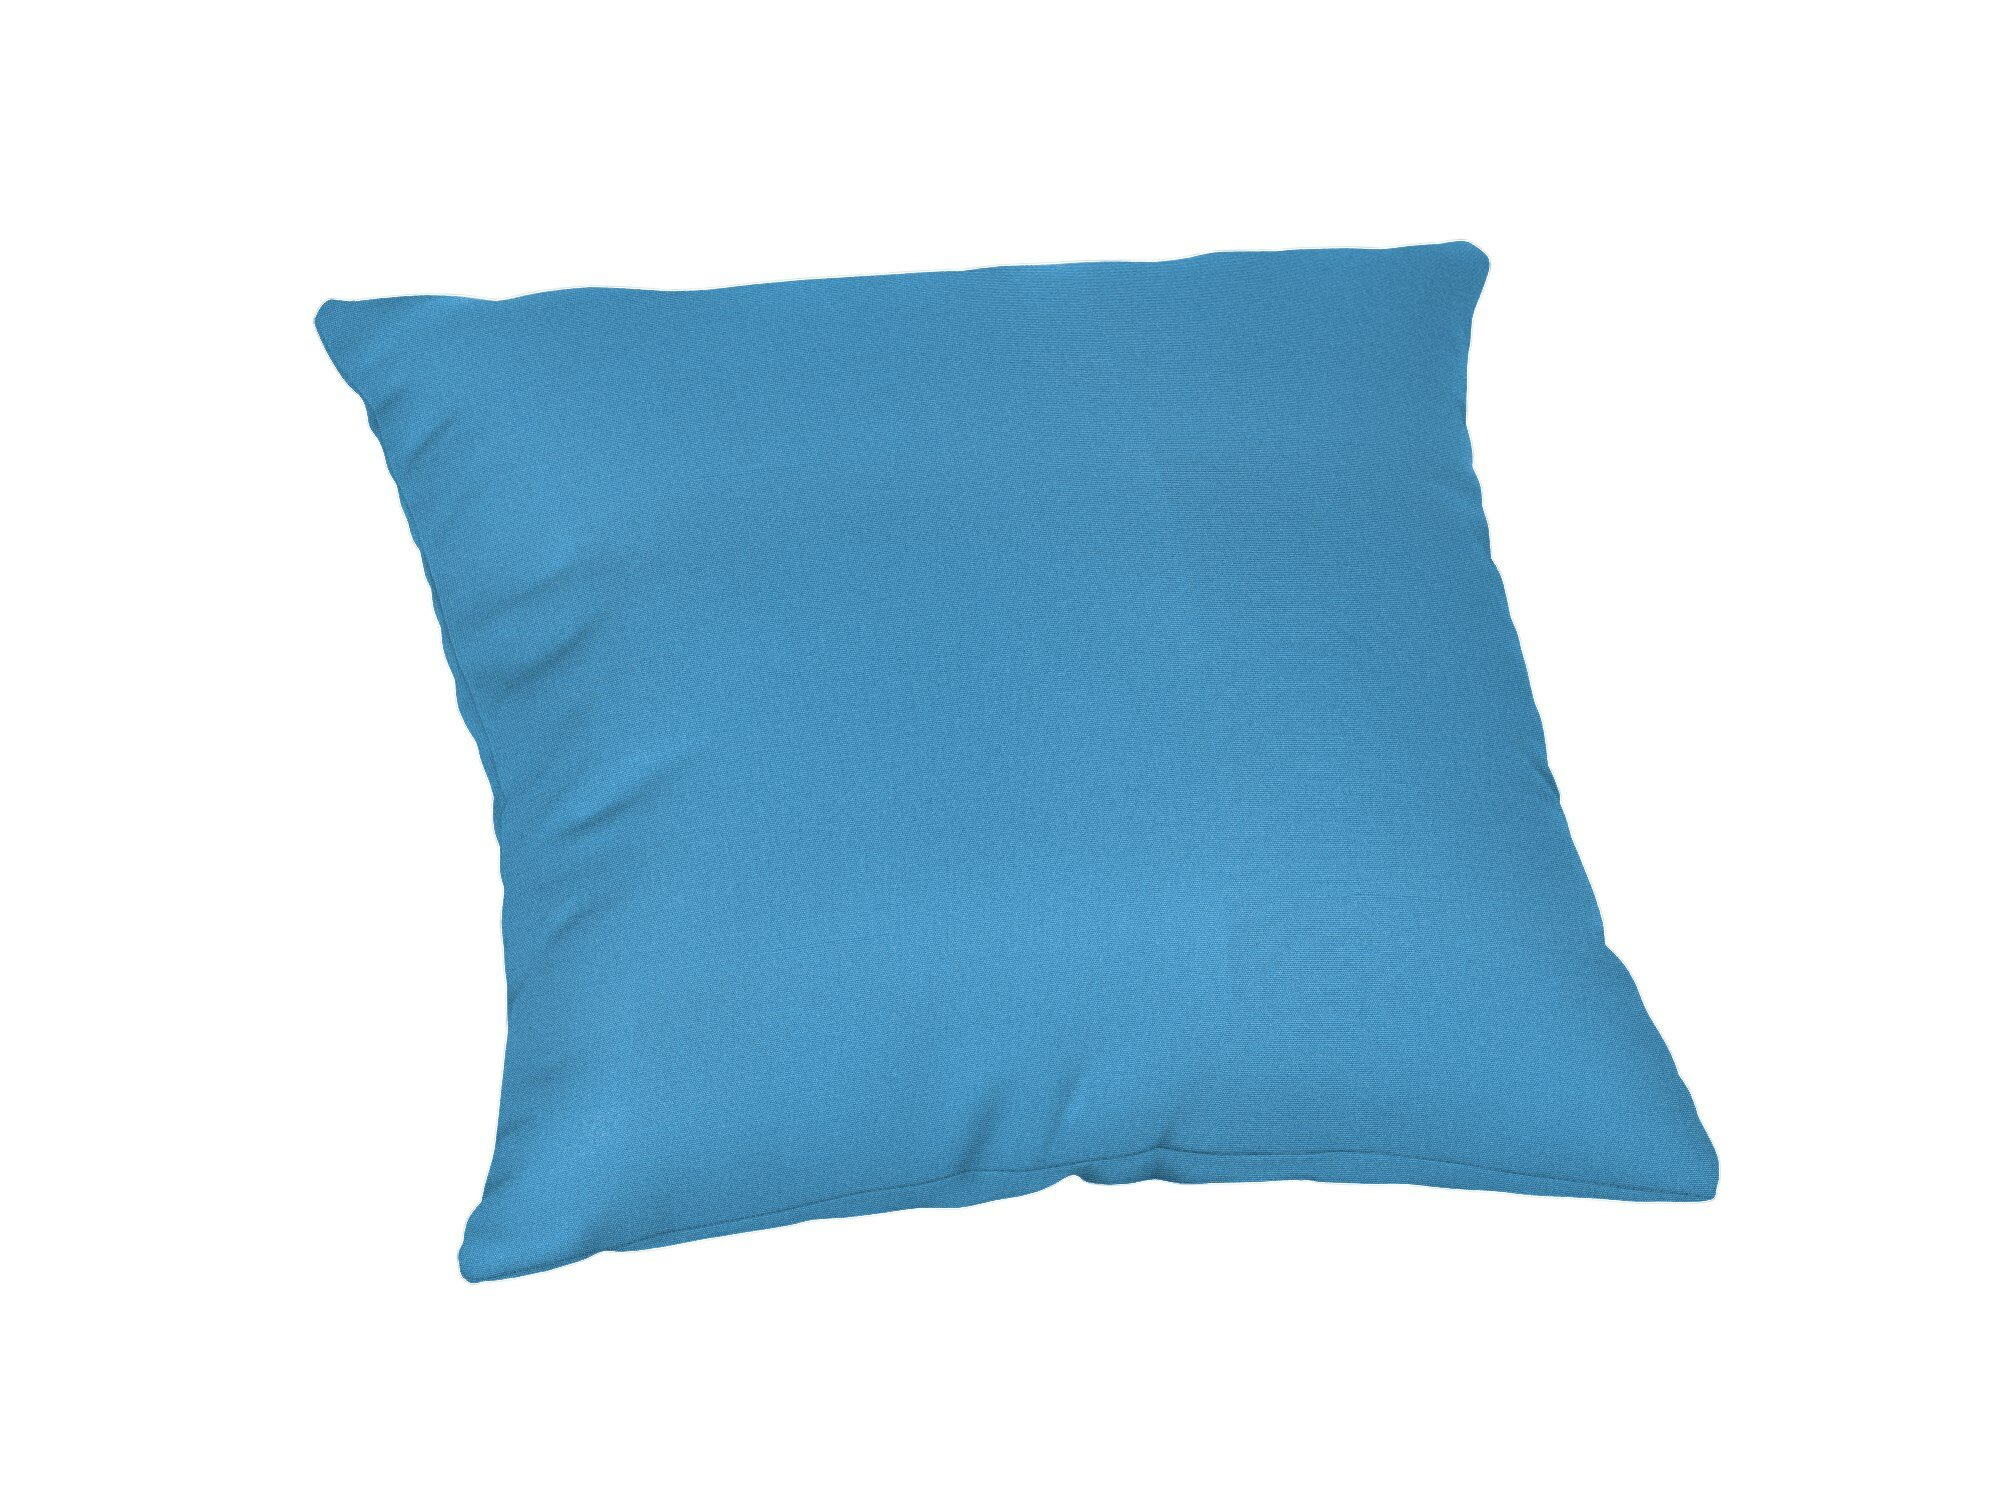 Outdoor Sunbrella Throw Pillows Free Shipping Over 35 Wayfair